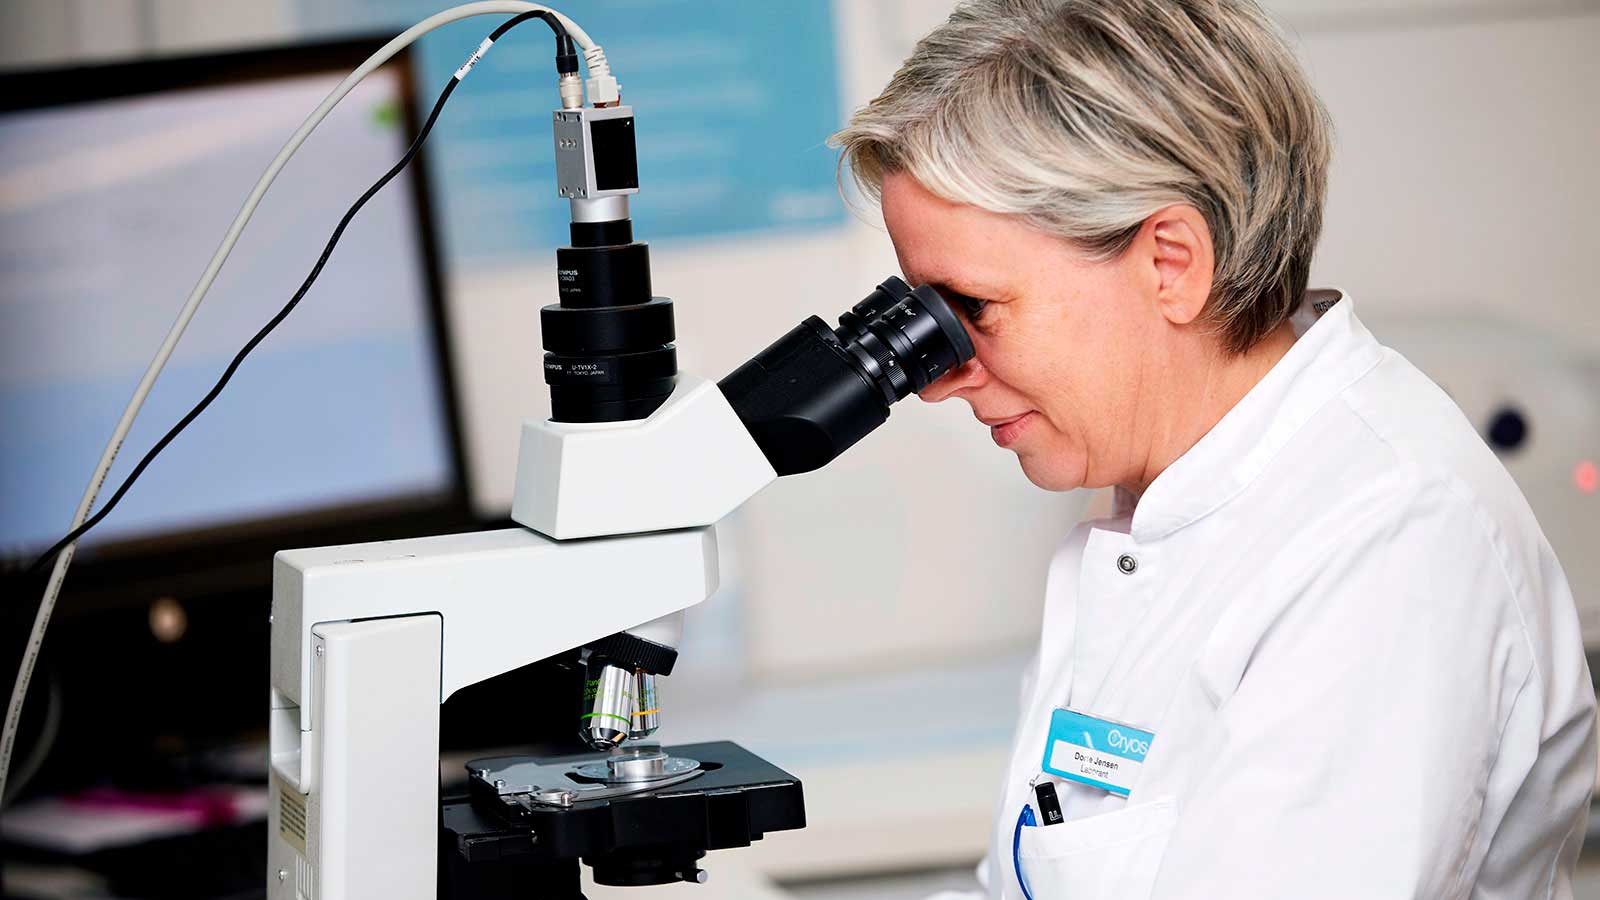 Laborant hos Cryos der vurderer kvaliteten af en sædprøve for en mand der vil vide om han har god sædkvalitet